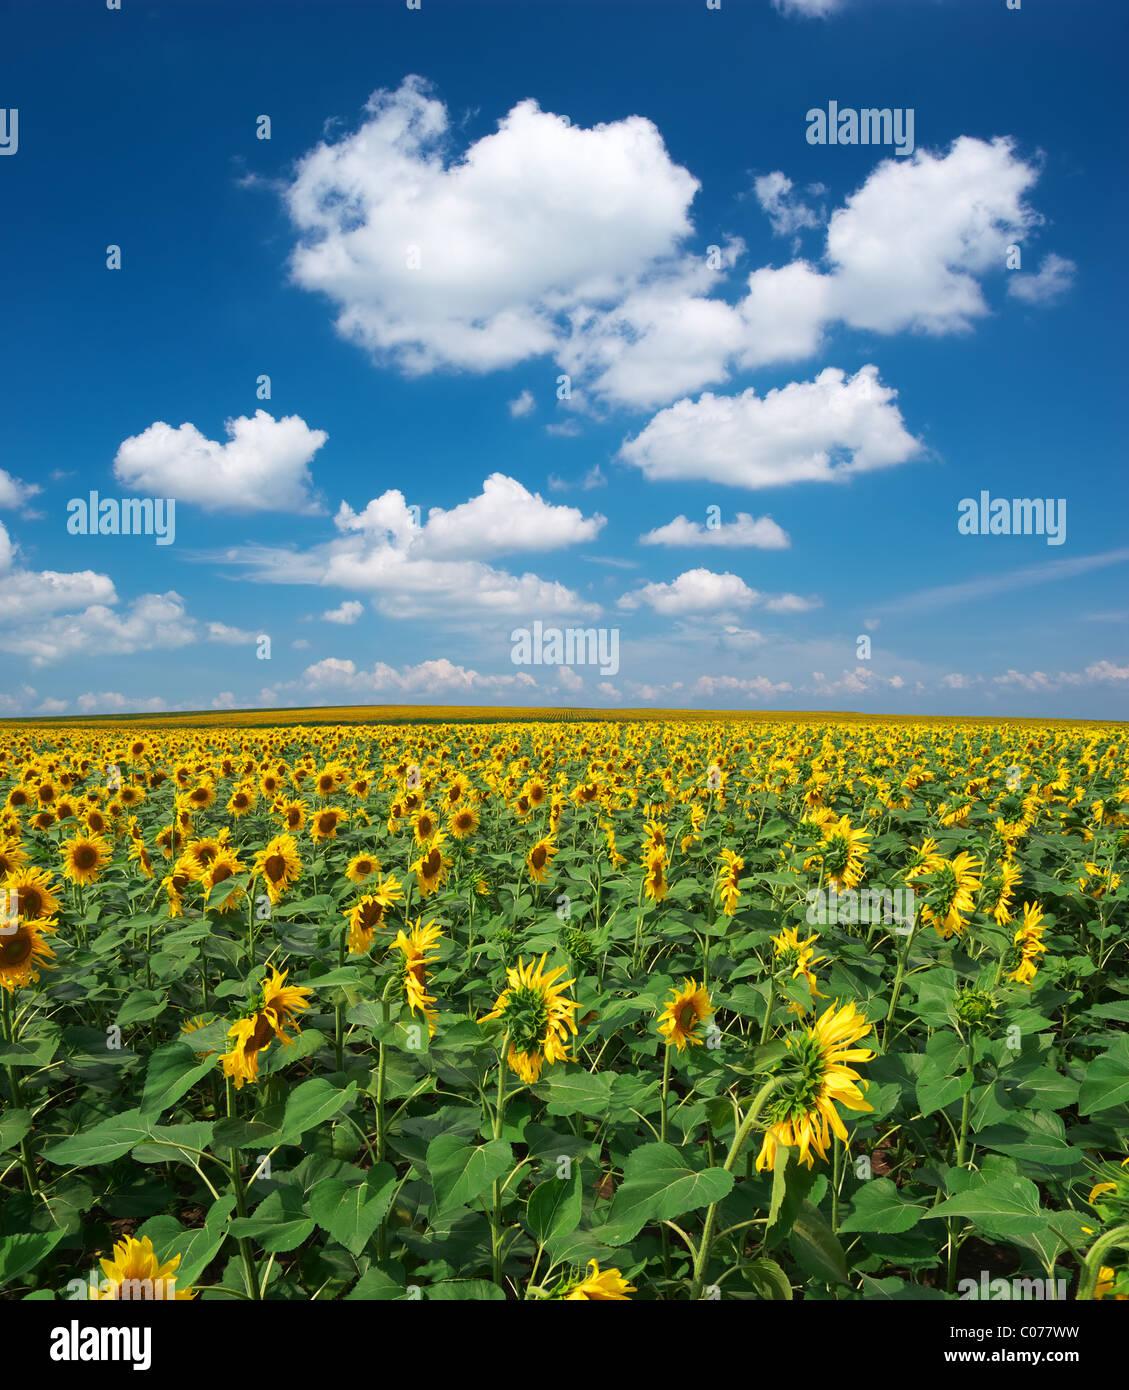 Gran campo de girasoles. Composición de la naturaleza. Foto de stock